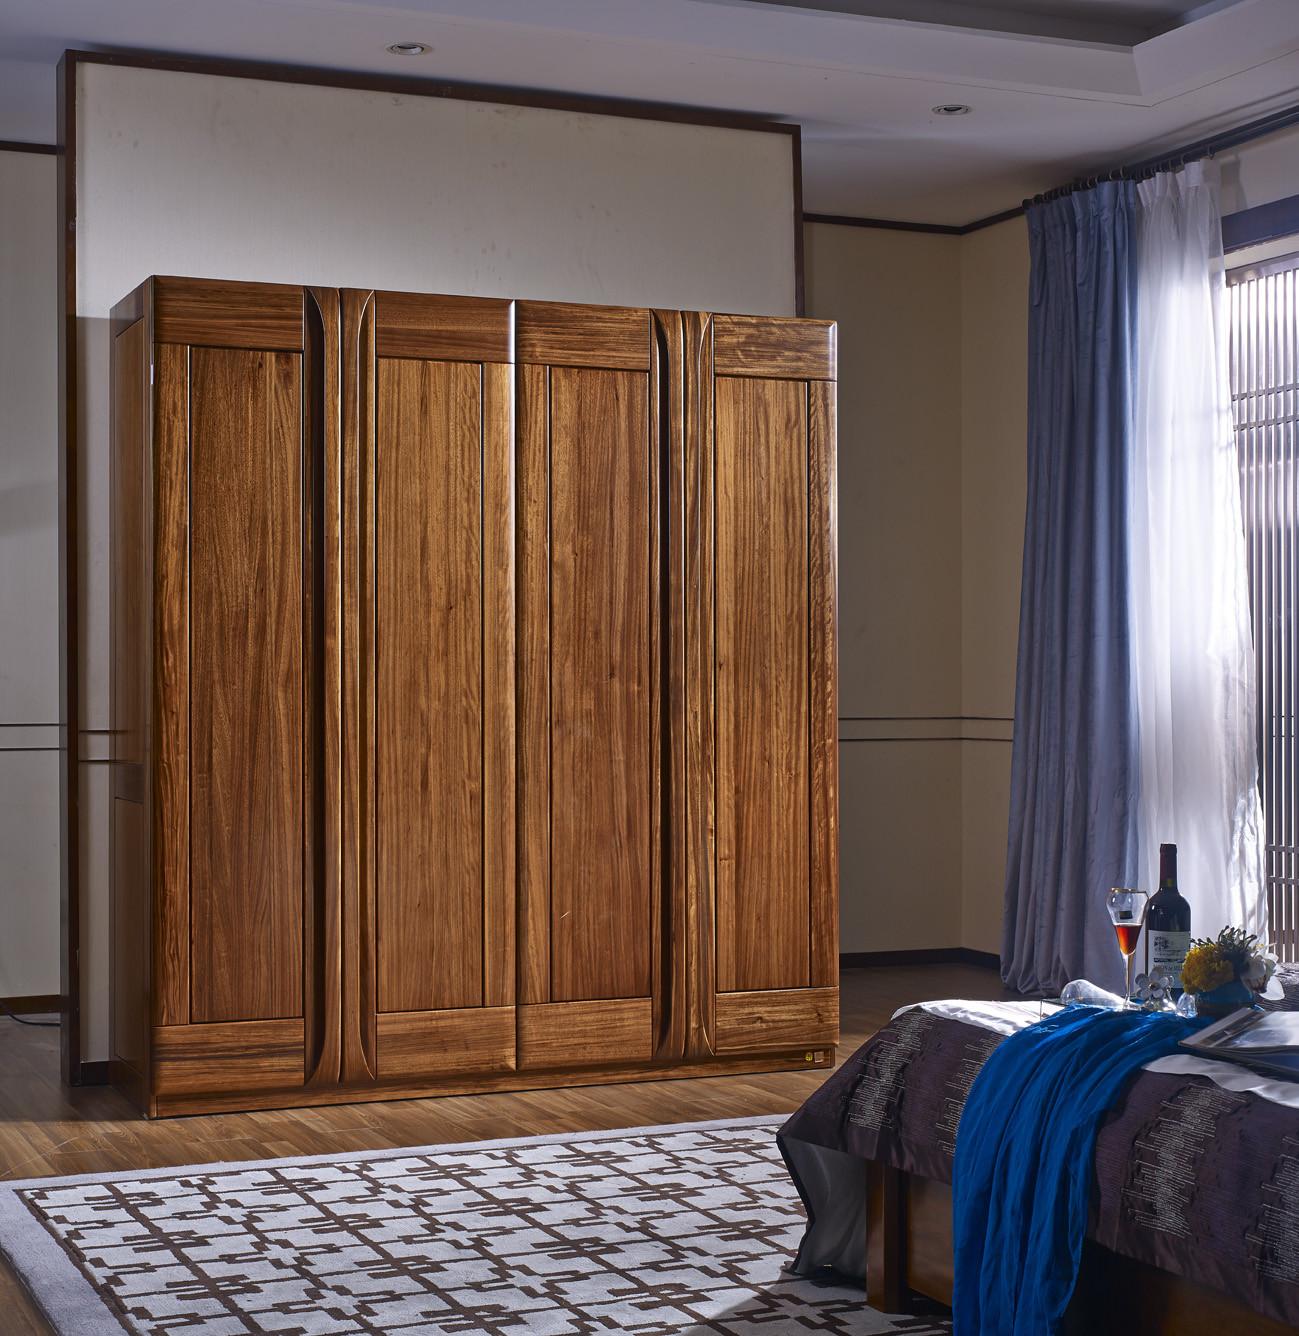 南洋迪克现代新派实木家具 乌金至品系列 四门衣柜2016*625*2200